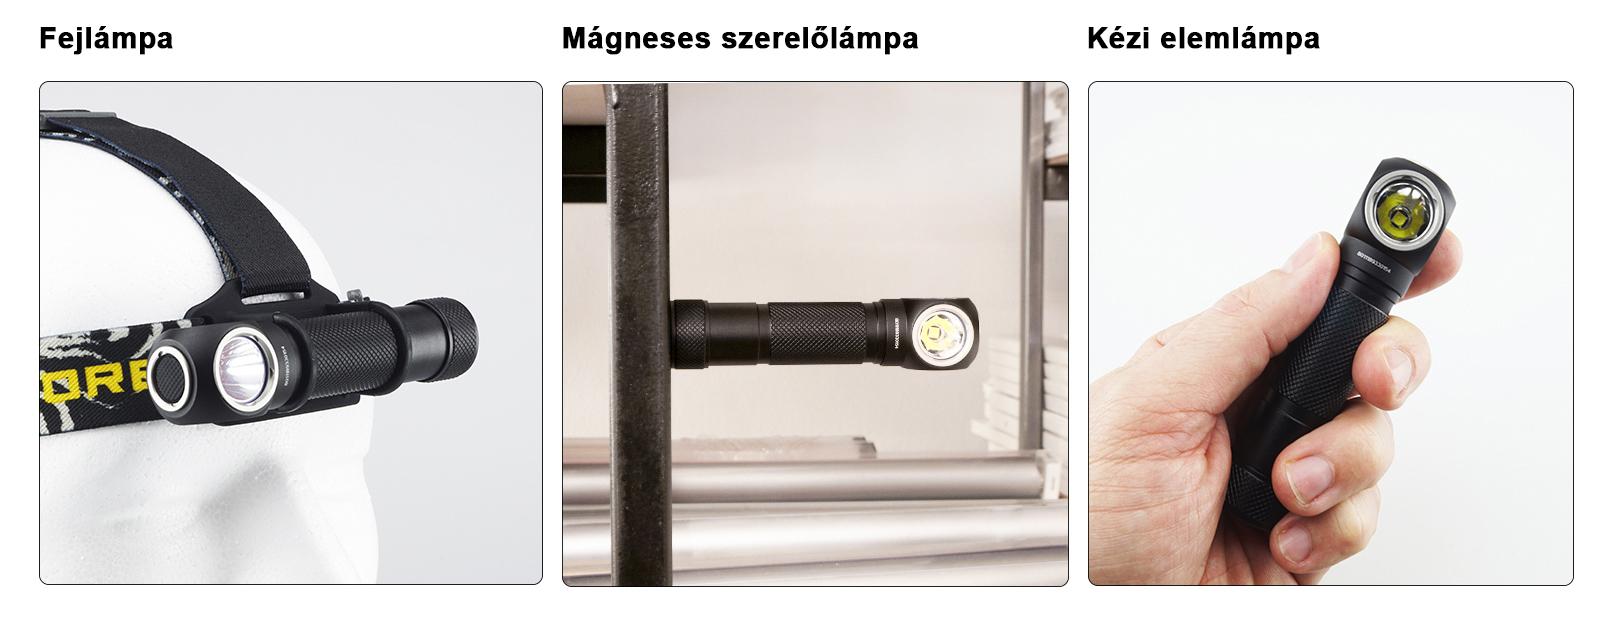 Nitecore HC33 fejlámpa, mágneses szerelőlámpa, kézi elemlámpa